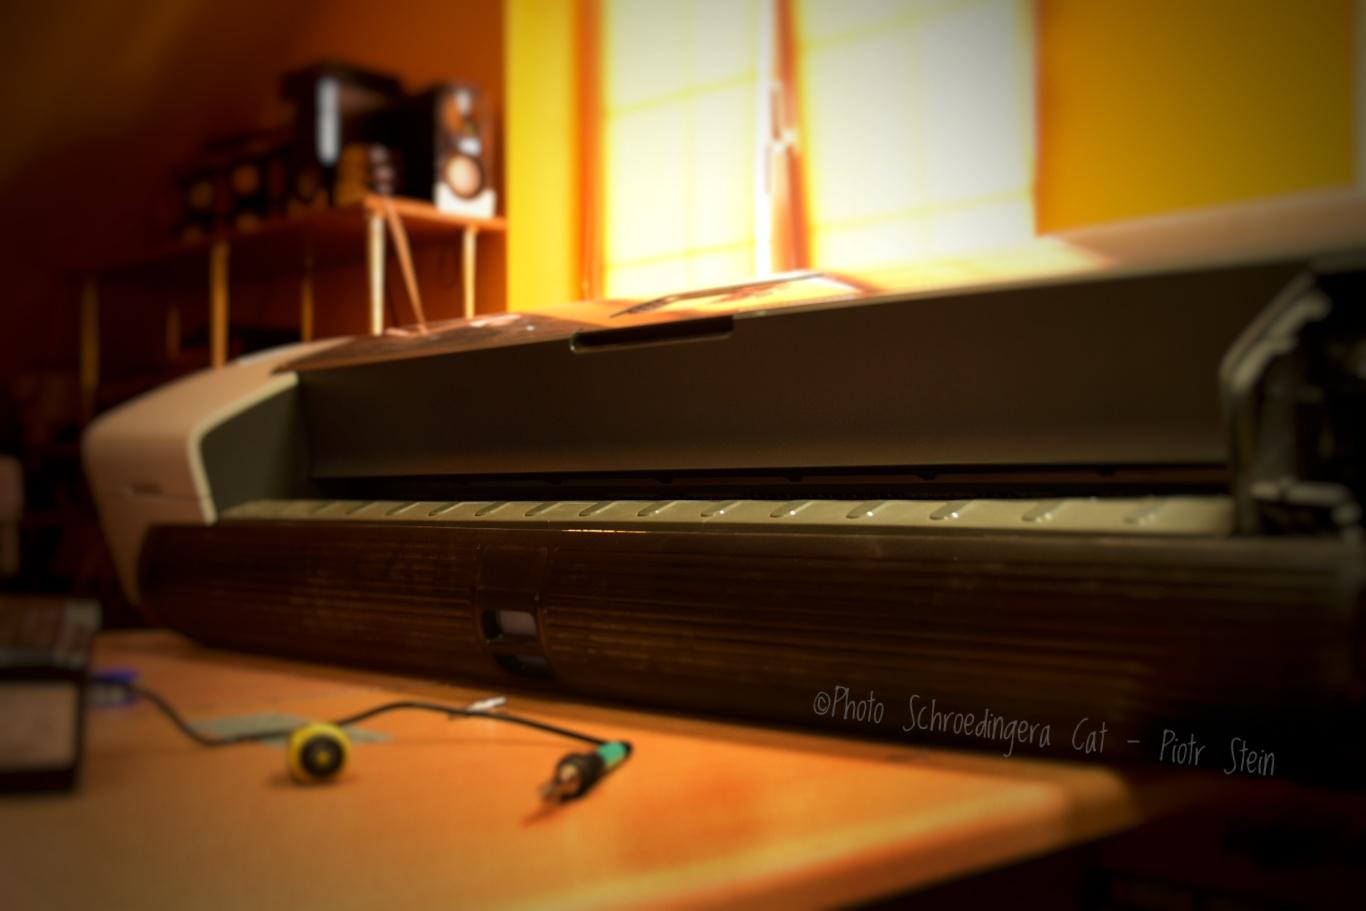 Naprawa ploterów. © Zdjęcie za zgodą Akte.com.pl i autora @PhotoSchroedingerCat